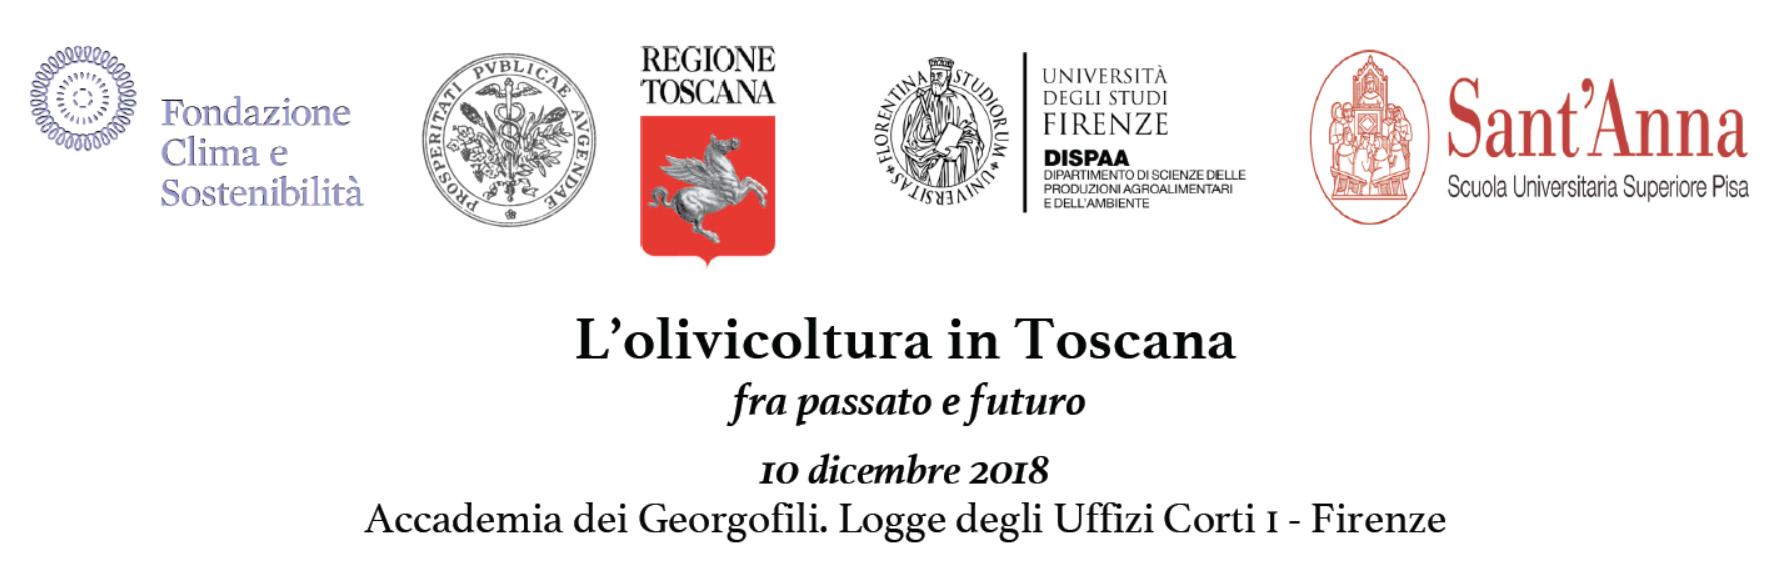 """Workshop """"L'olivicoltura in Toscana fra passato e futuro"""" (10 dicembre)"""